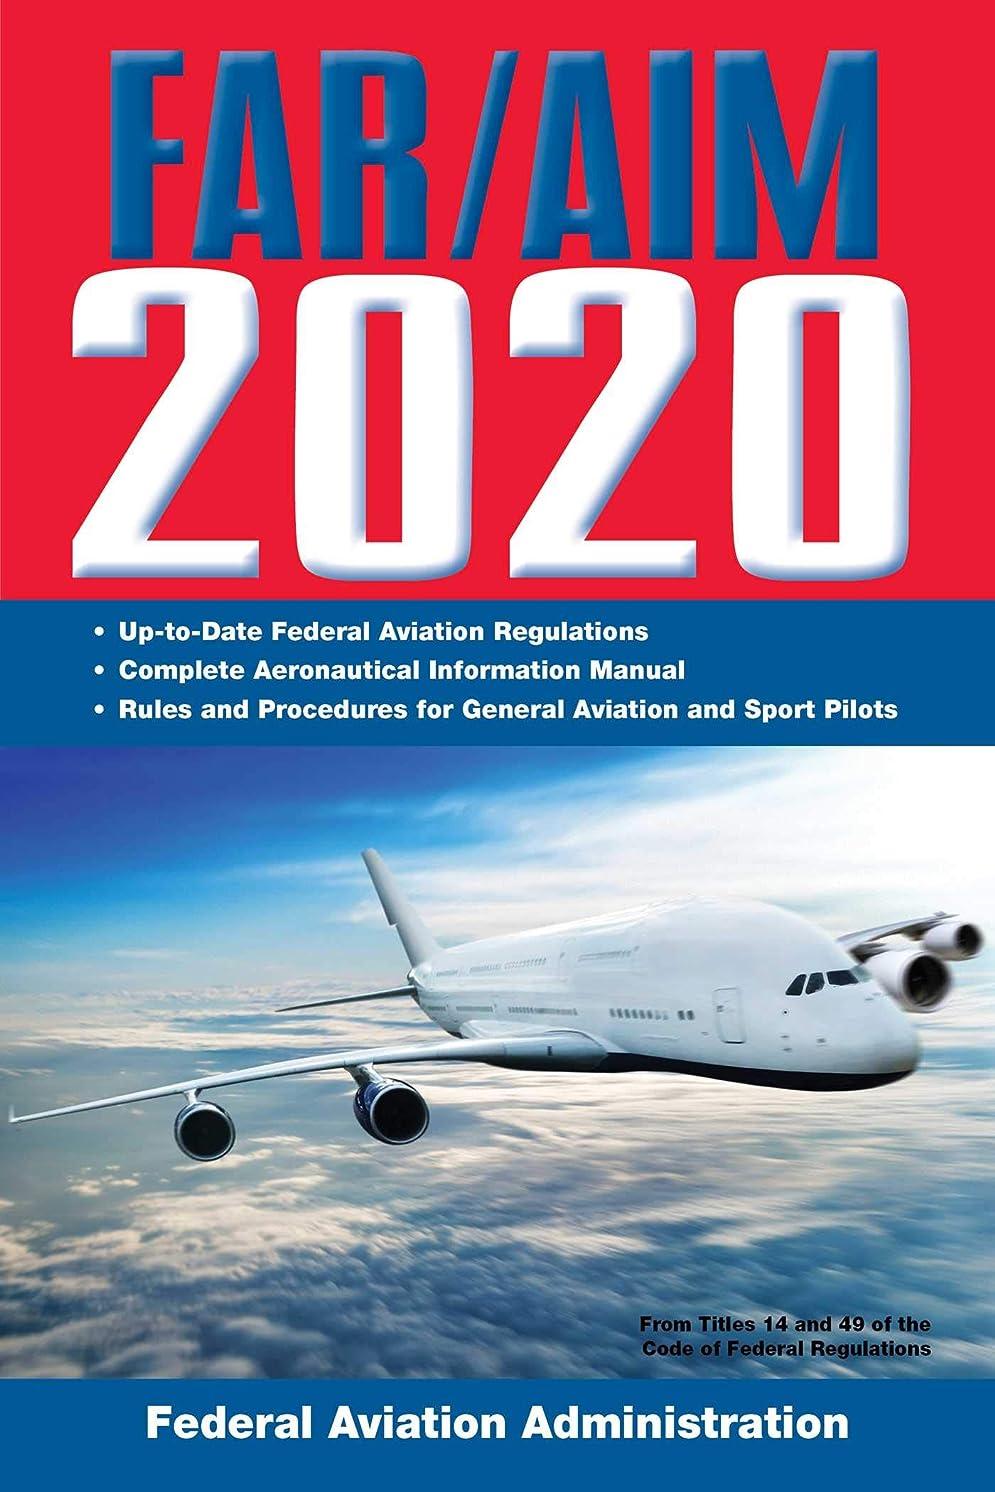 クレーター想像力暴露FAR/AIM 2020: Up-to-Date FAA Regulations / Aeronautical Information Manual (FAR/AIM Federal Aviation Regulations) (English Edition)